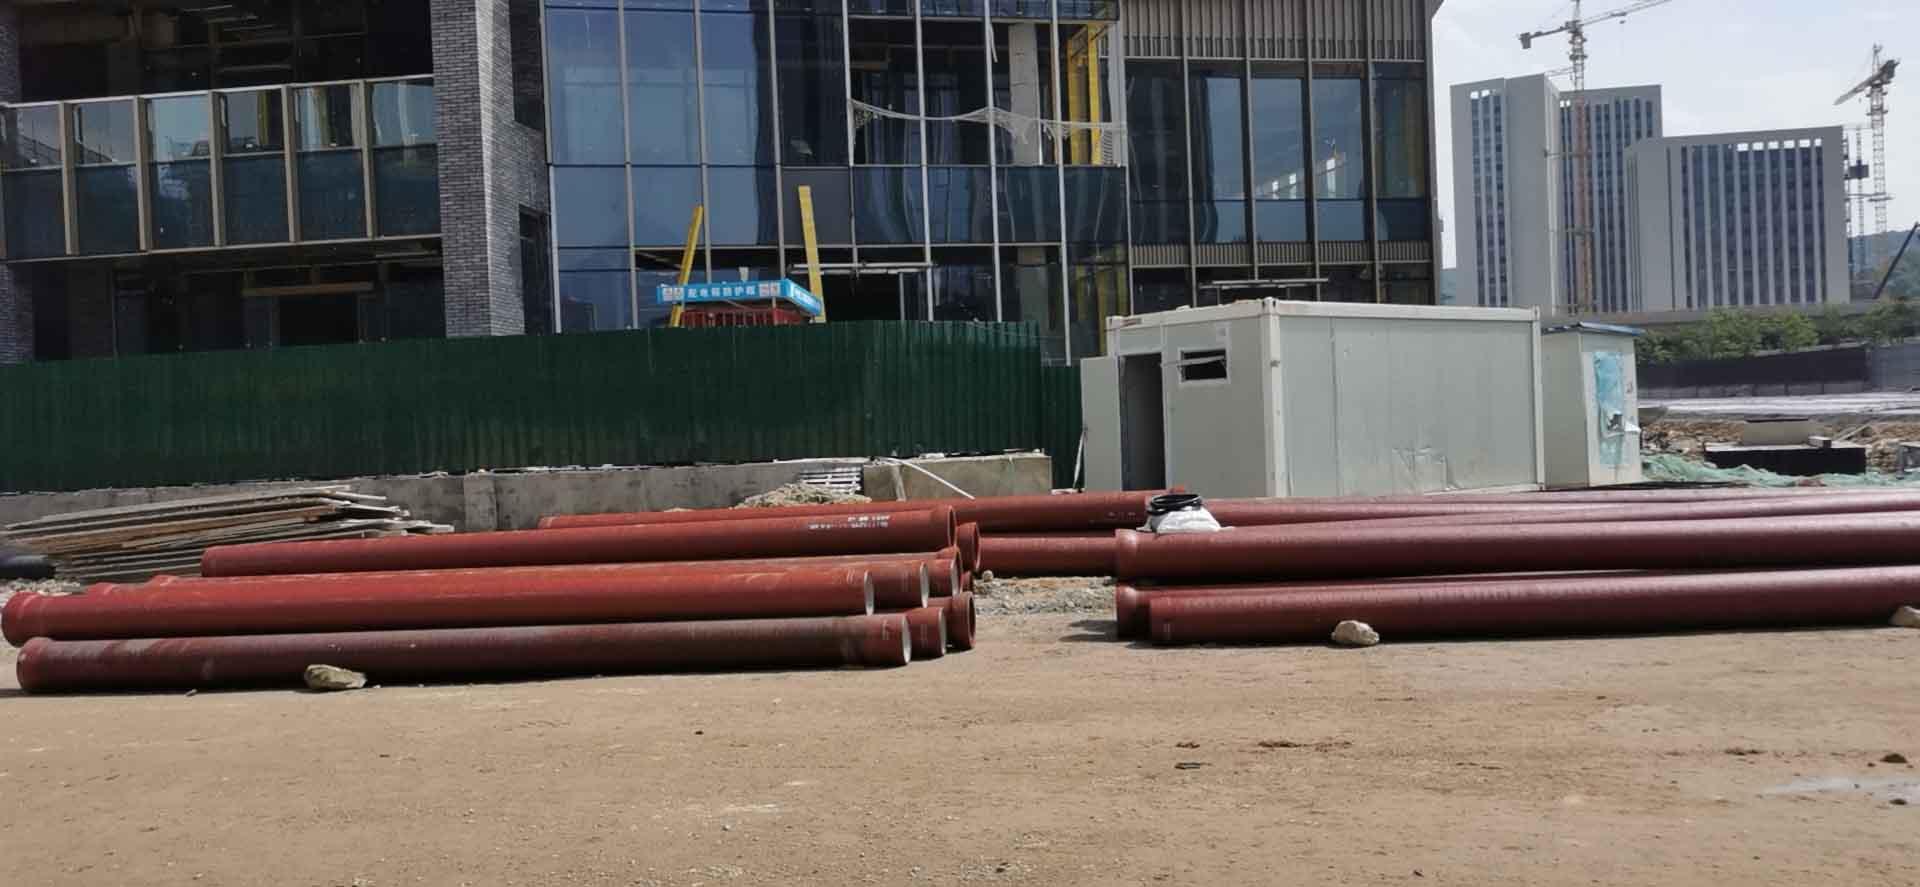 福建融通管业有限公司代理的球墨铸铁污水管应用于樟岚路项目之中...